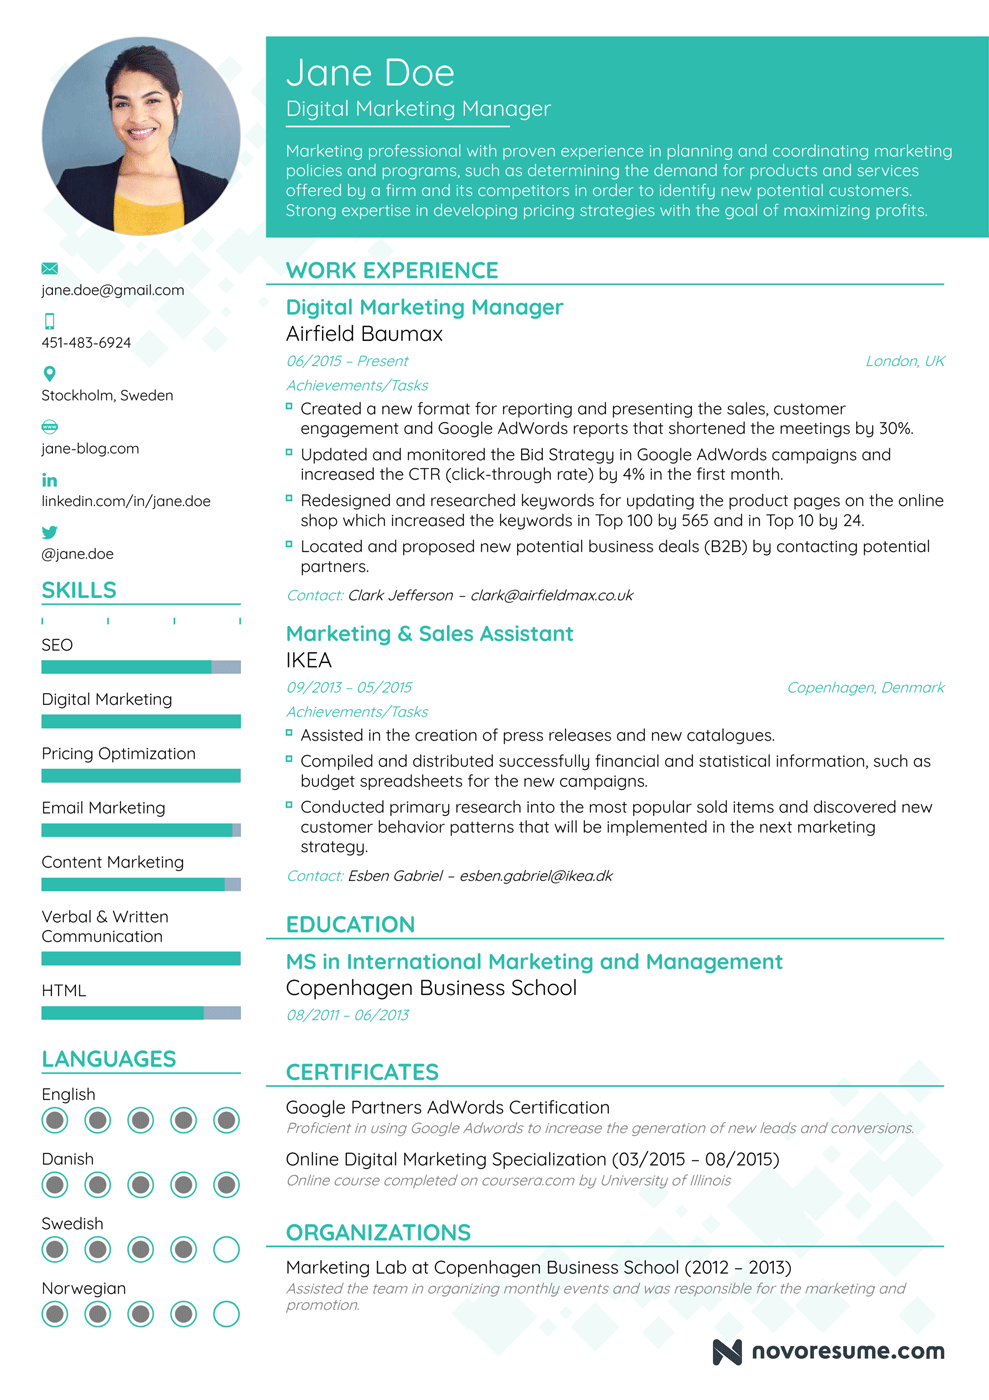 Mẫu CV tiếng anh tiêu biểu (Hình ảnh được lấy từ nguồn tạo CV miễn phí của novoresume)